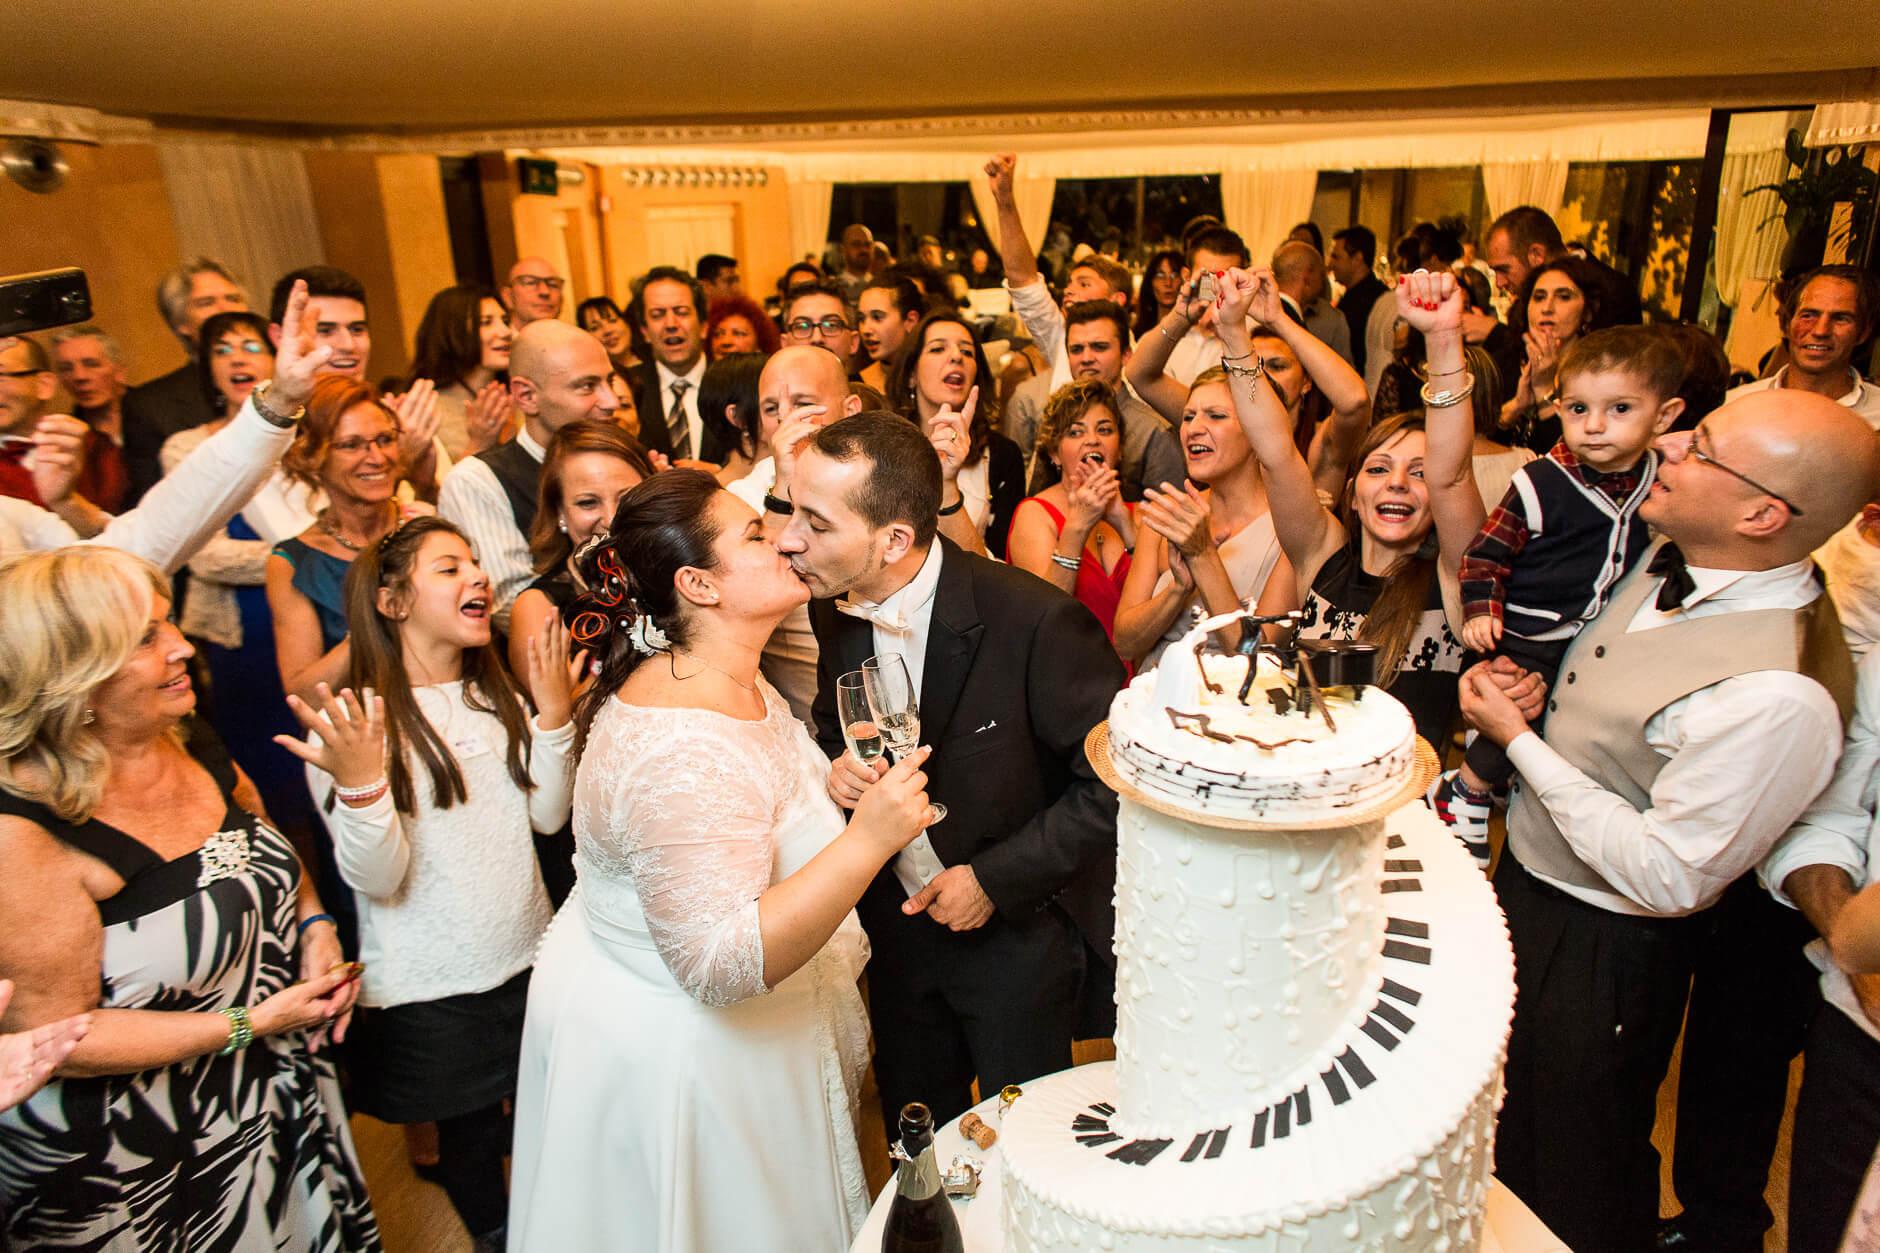 Matrimonio In Musica : Tema del matrimonio quale scegliere ecco idee